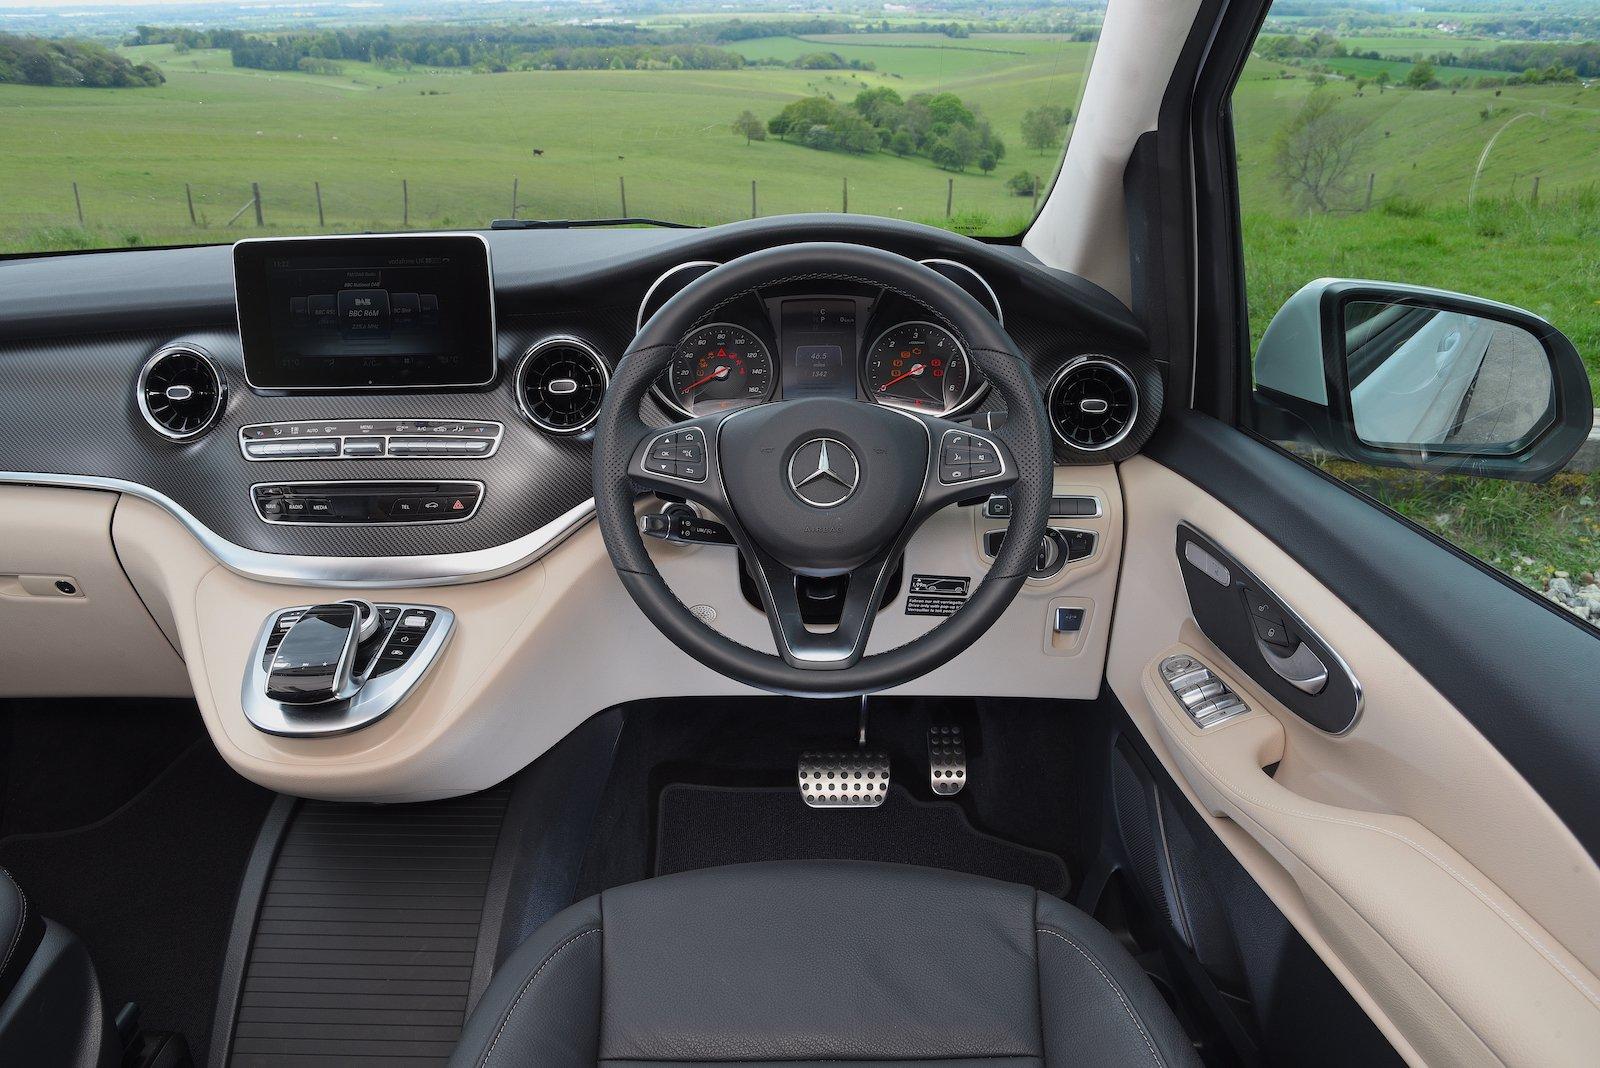 Mercedes V-Class Marco Polo 2021 interior dashboard